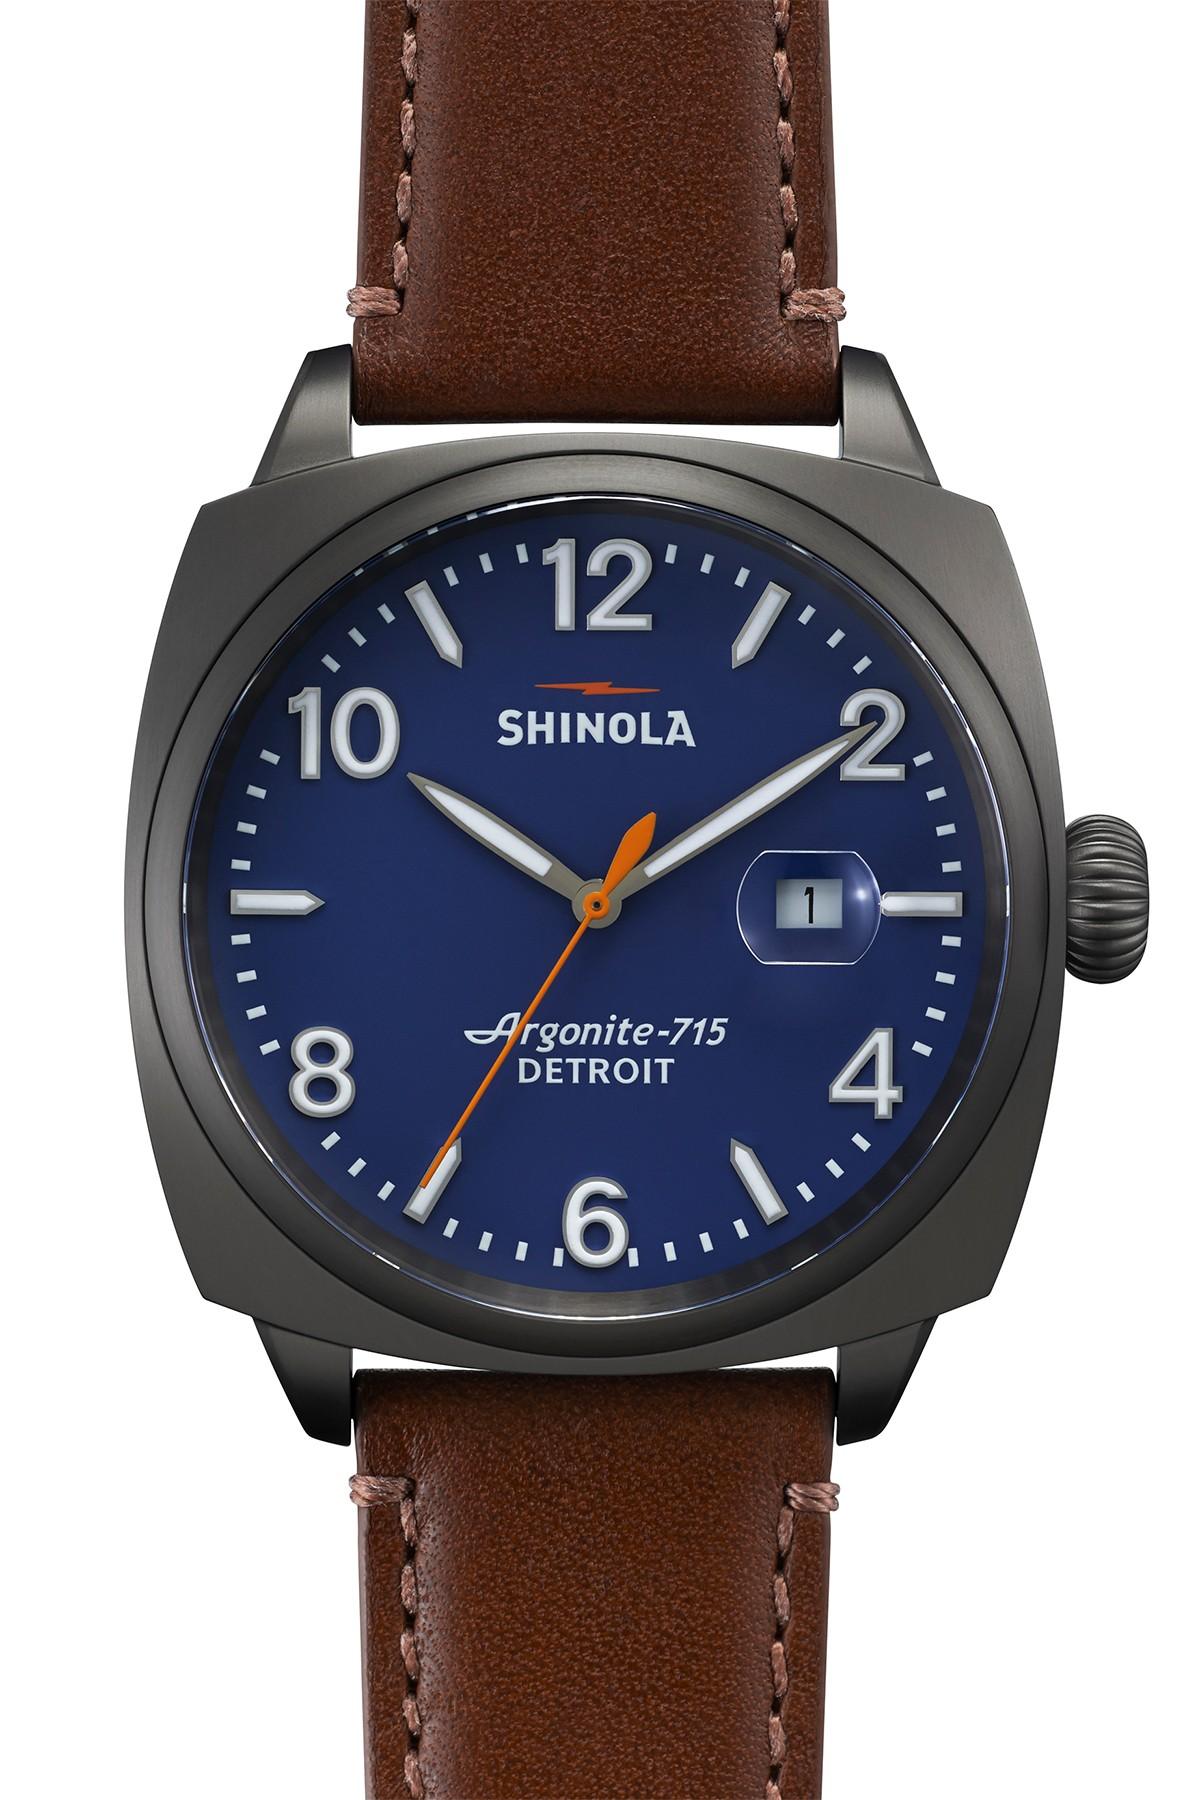 Shinola Watch | Shinola Chronograph | Shinola Watch